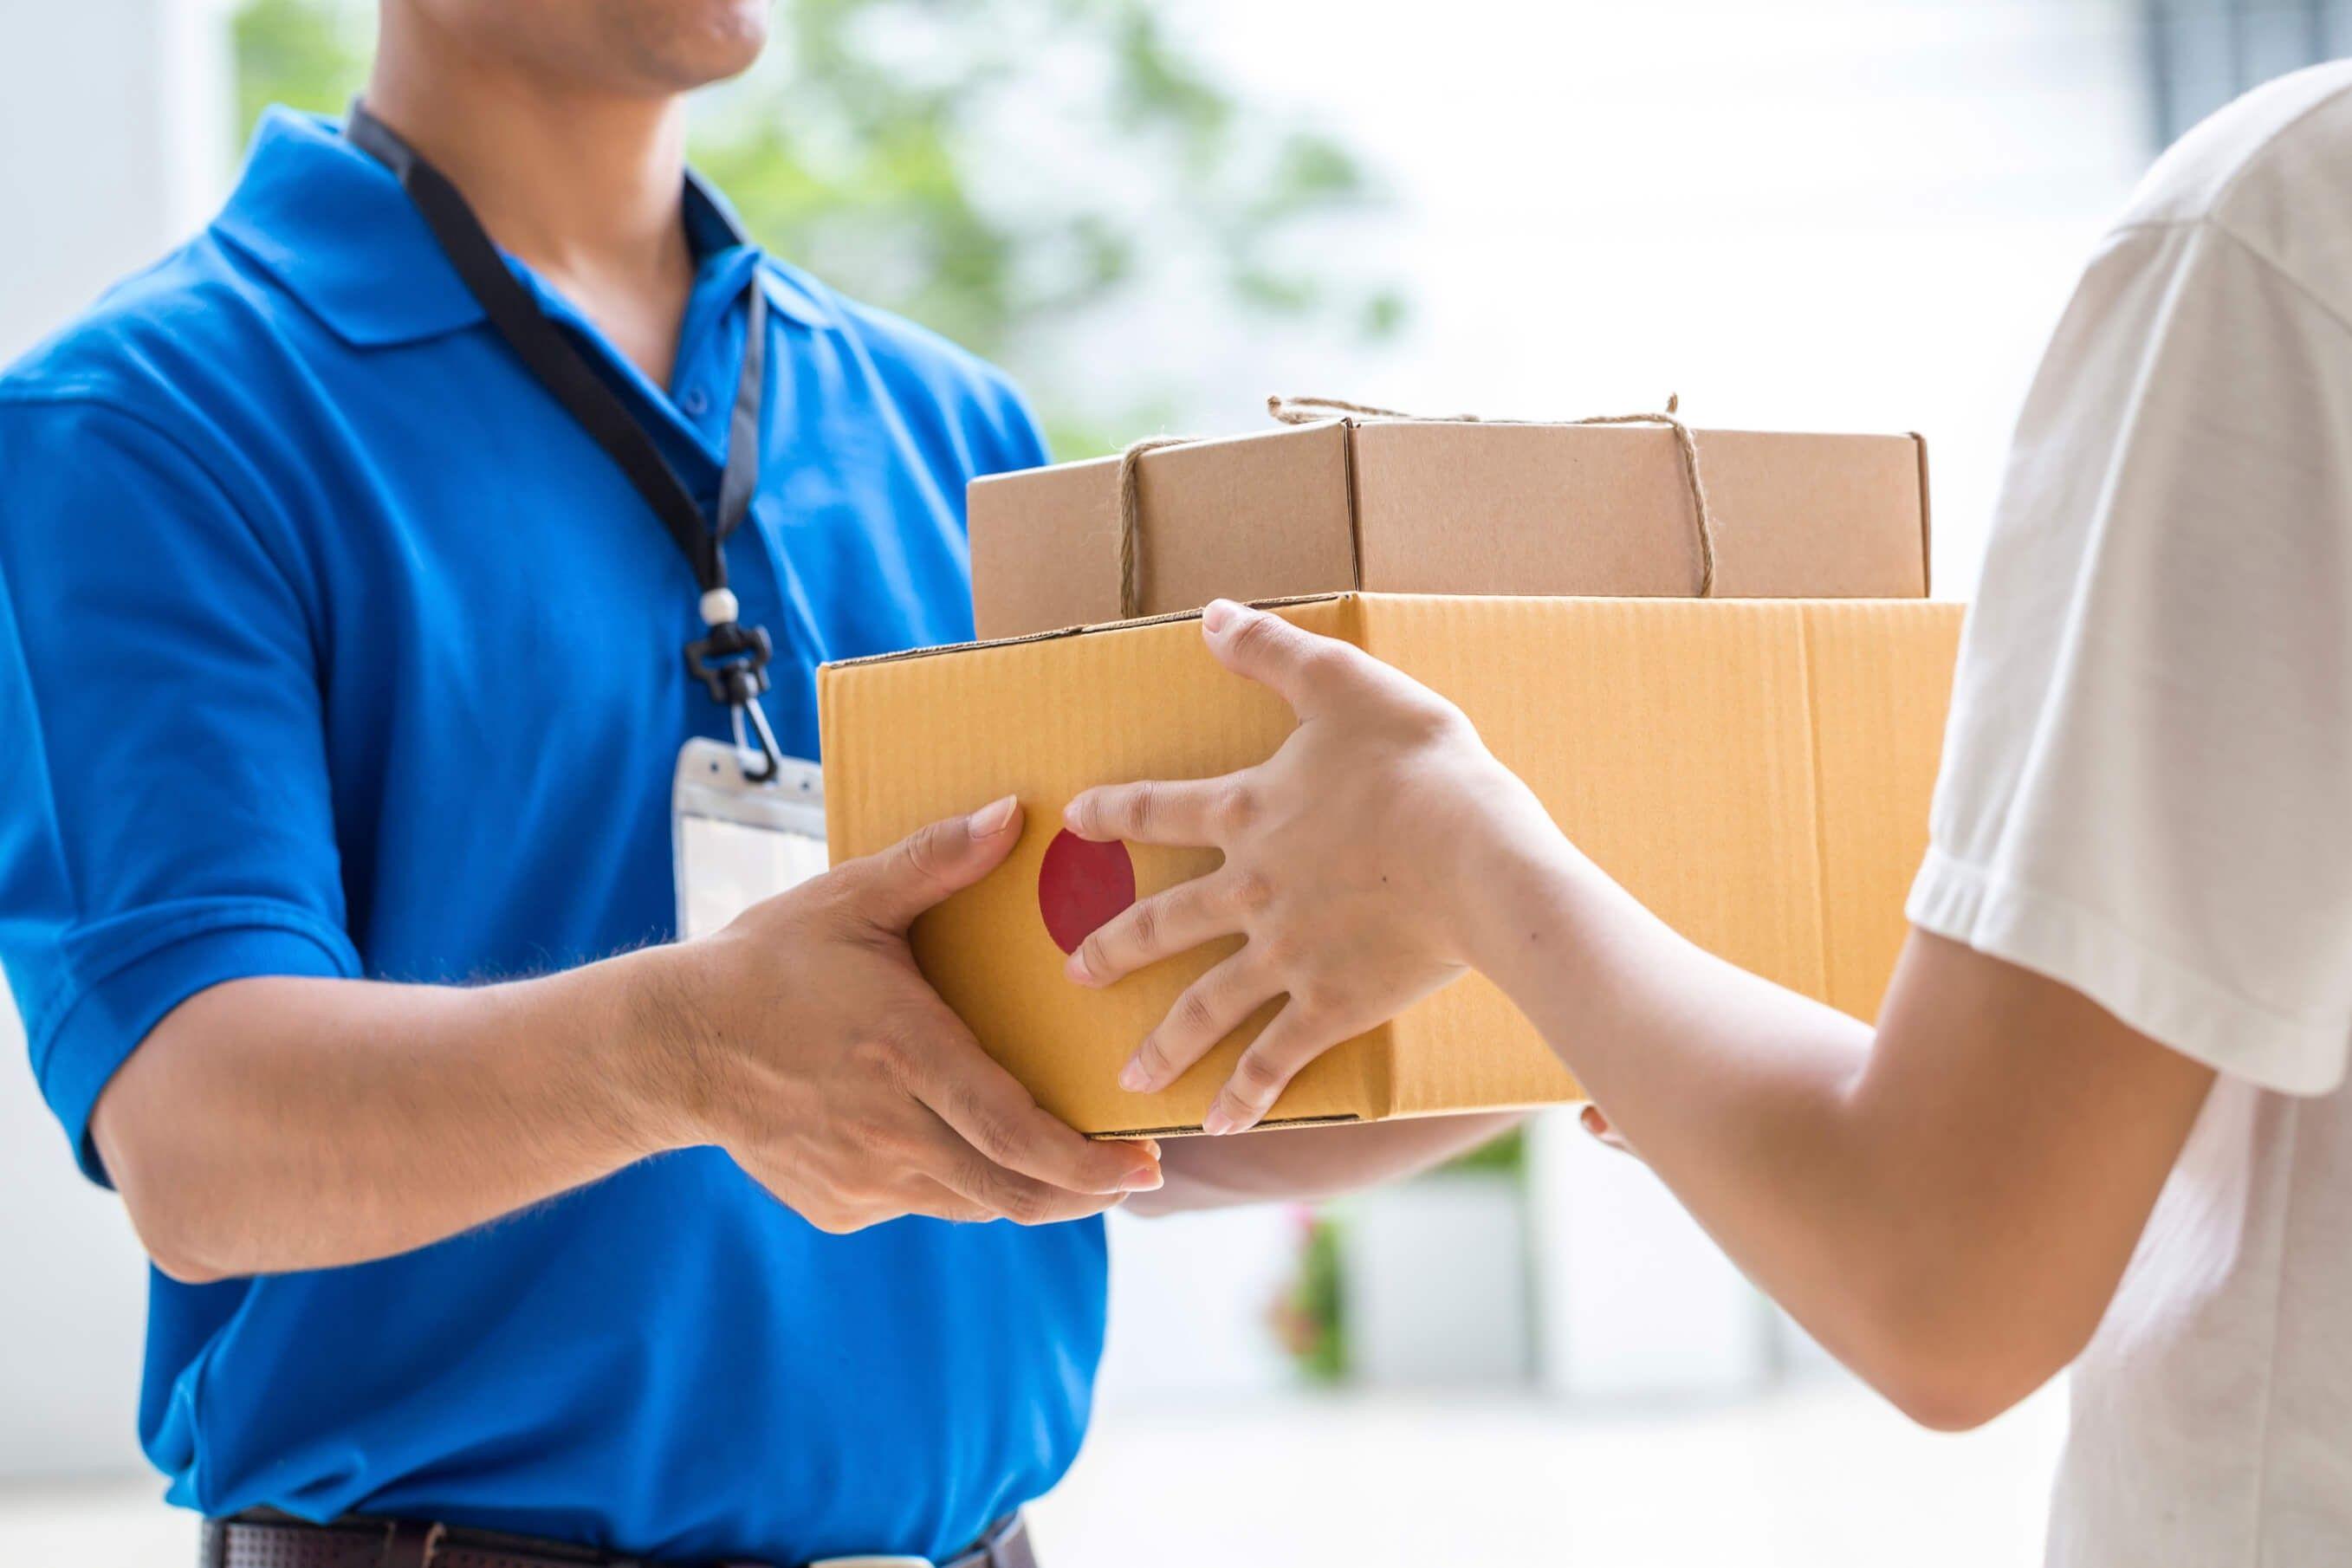 Parcel ABC lanza las 5 recomendaciones para realizar envíos fuera de la  Unión Europea - Notas de prensa